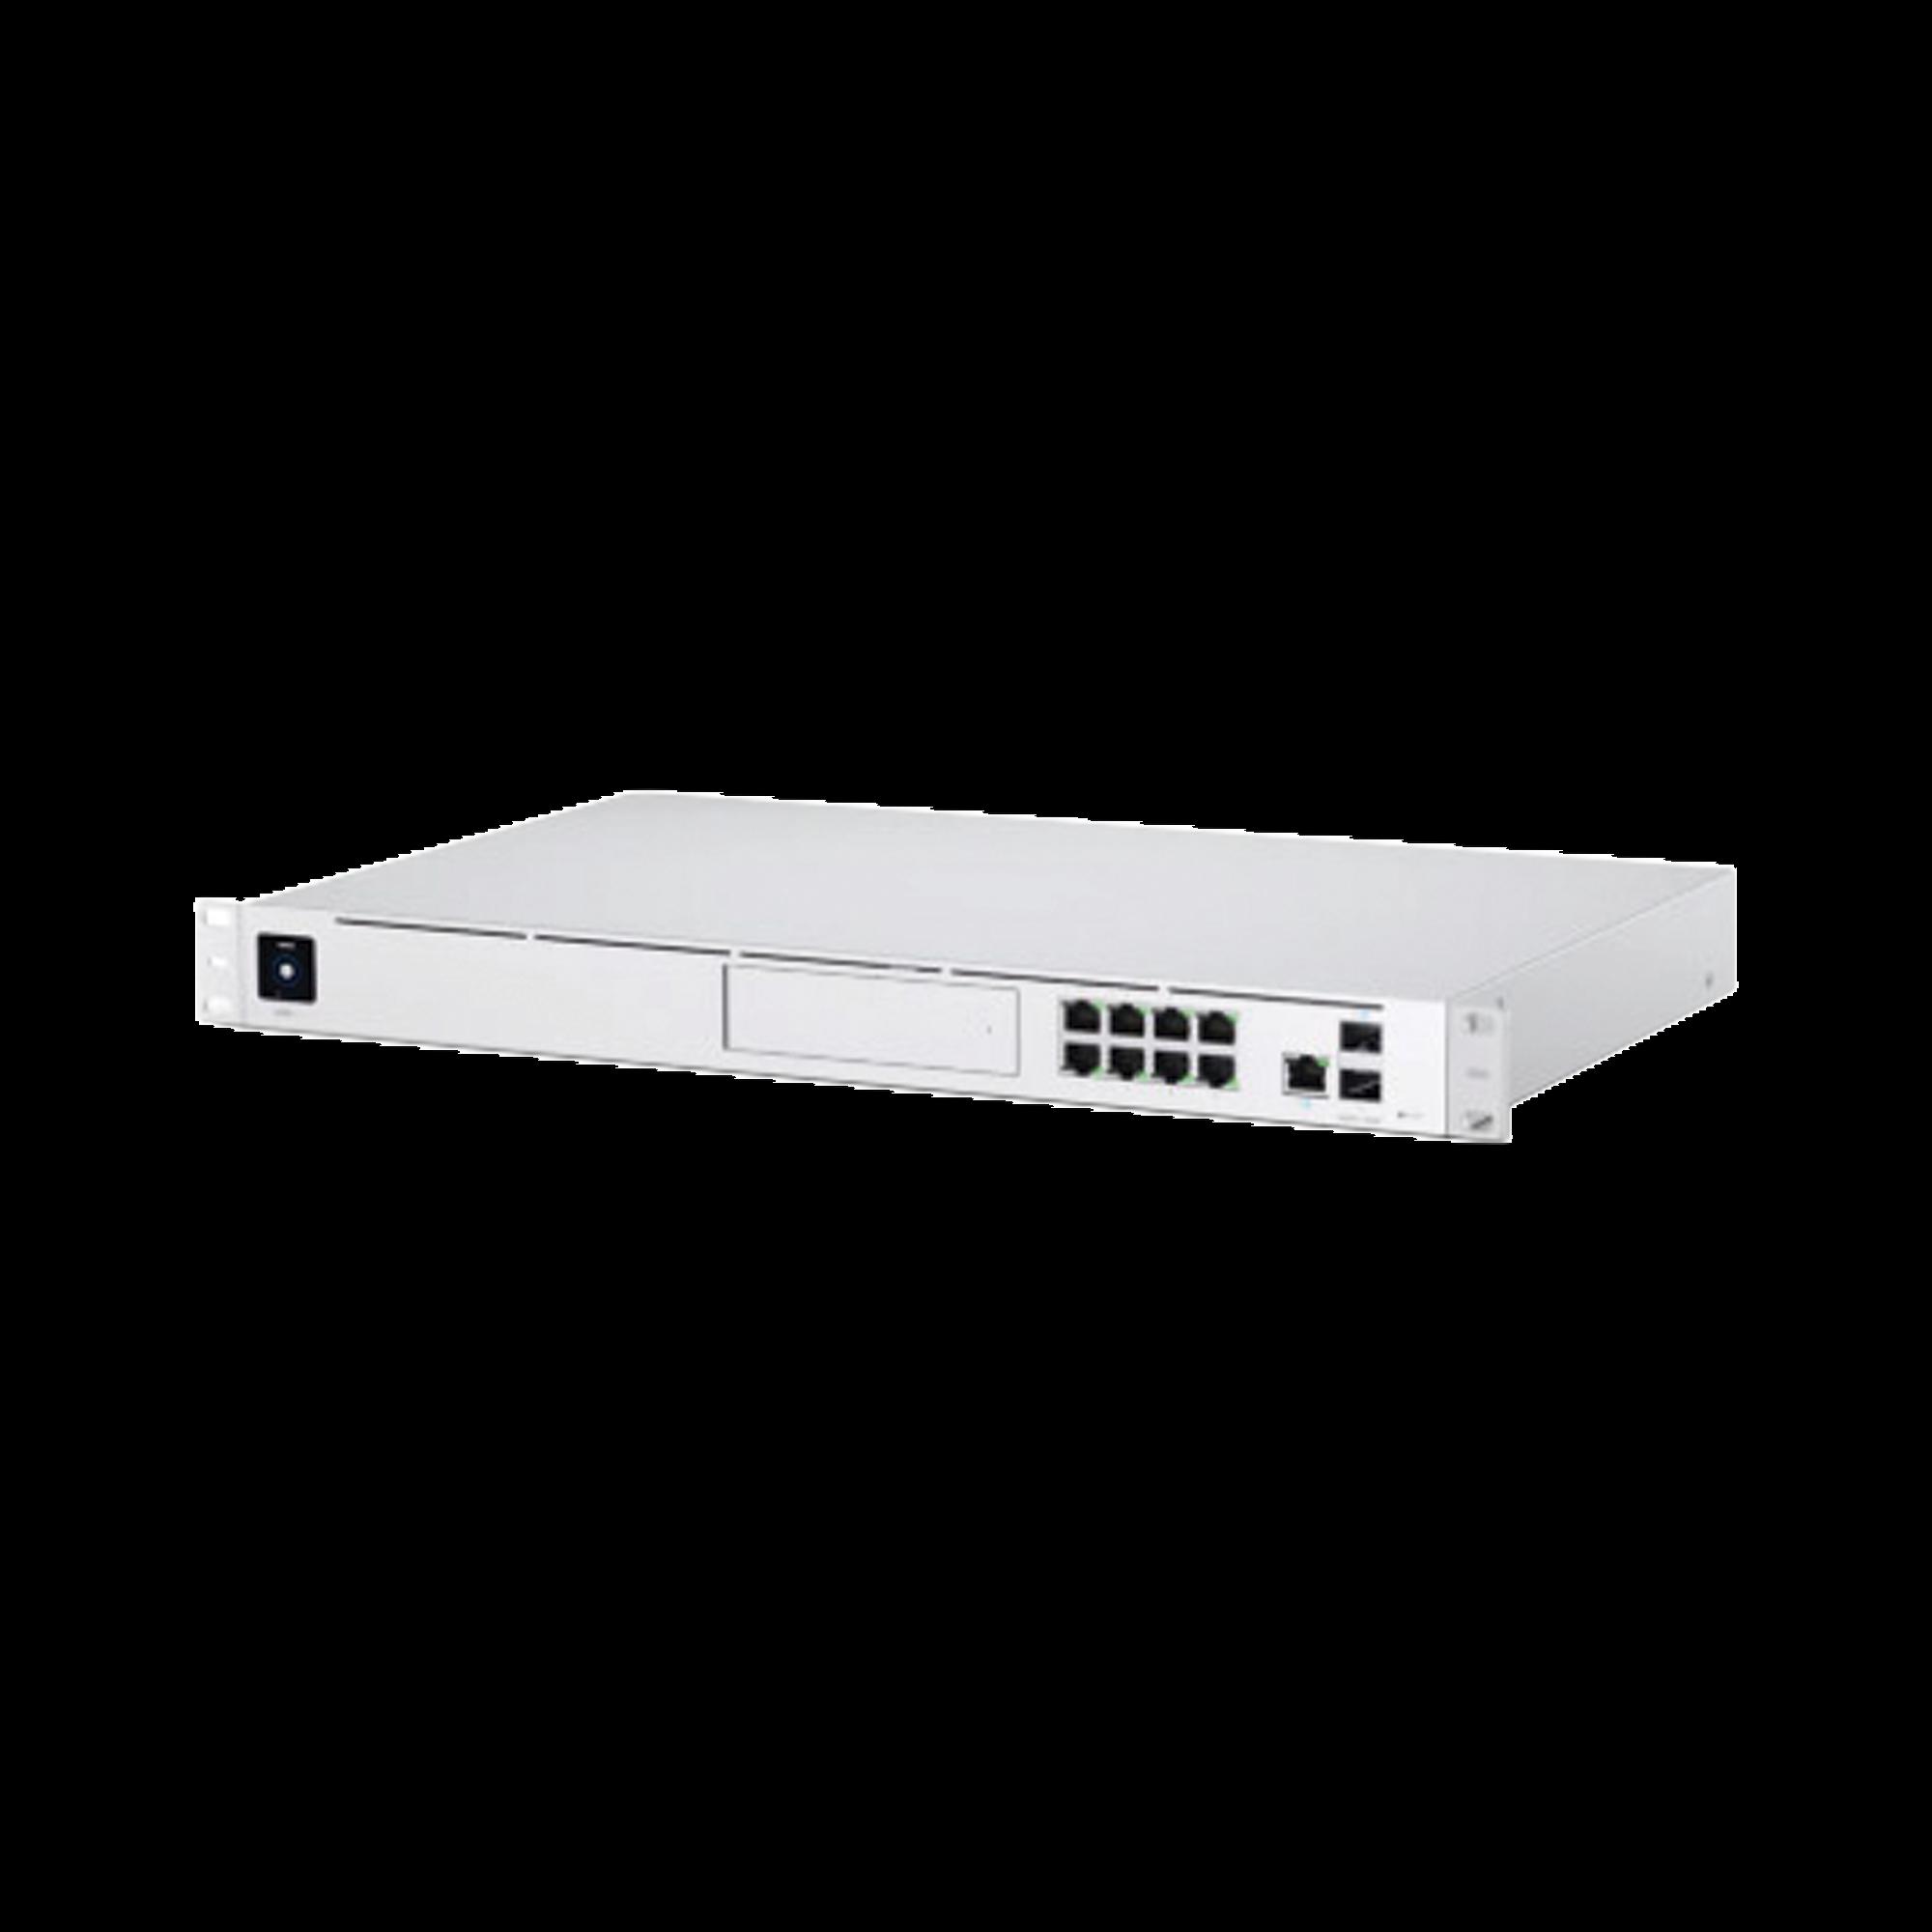 UniFi Dream Machine Pro, de 1 UR con un puerto 10G SFP+ WAN, 8 puertos 10/100/1000 Mbps RJ-45 LAN, y una bahía de HDD 3.5, integra todos los controladores UniFi